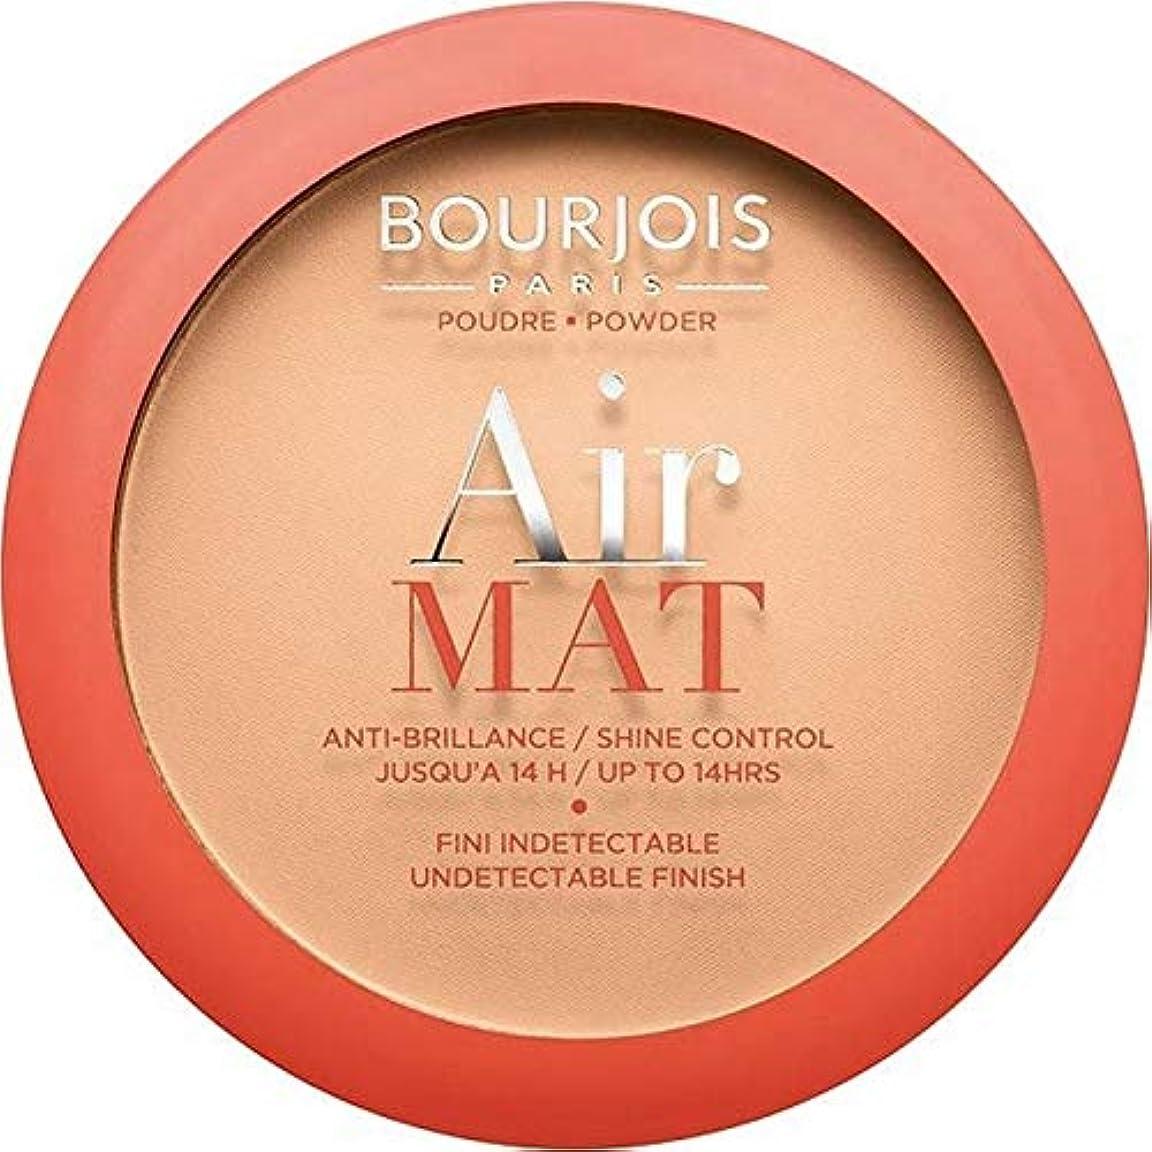 資本上げる一次[Bourjois ] ブルジョワエアーマットは、粉末を押す - アプリコットベージュ - Bourjois Air Mat Pressed Powder - Apricot Beige [並行輸入品]